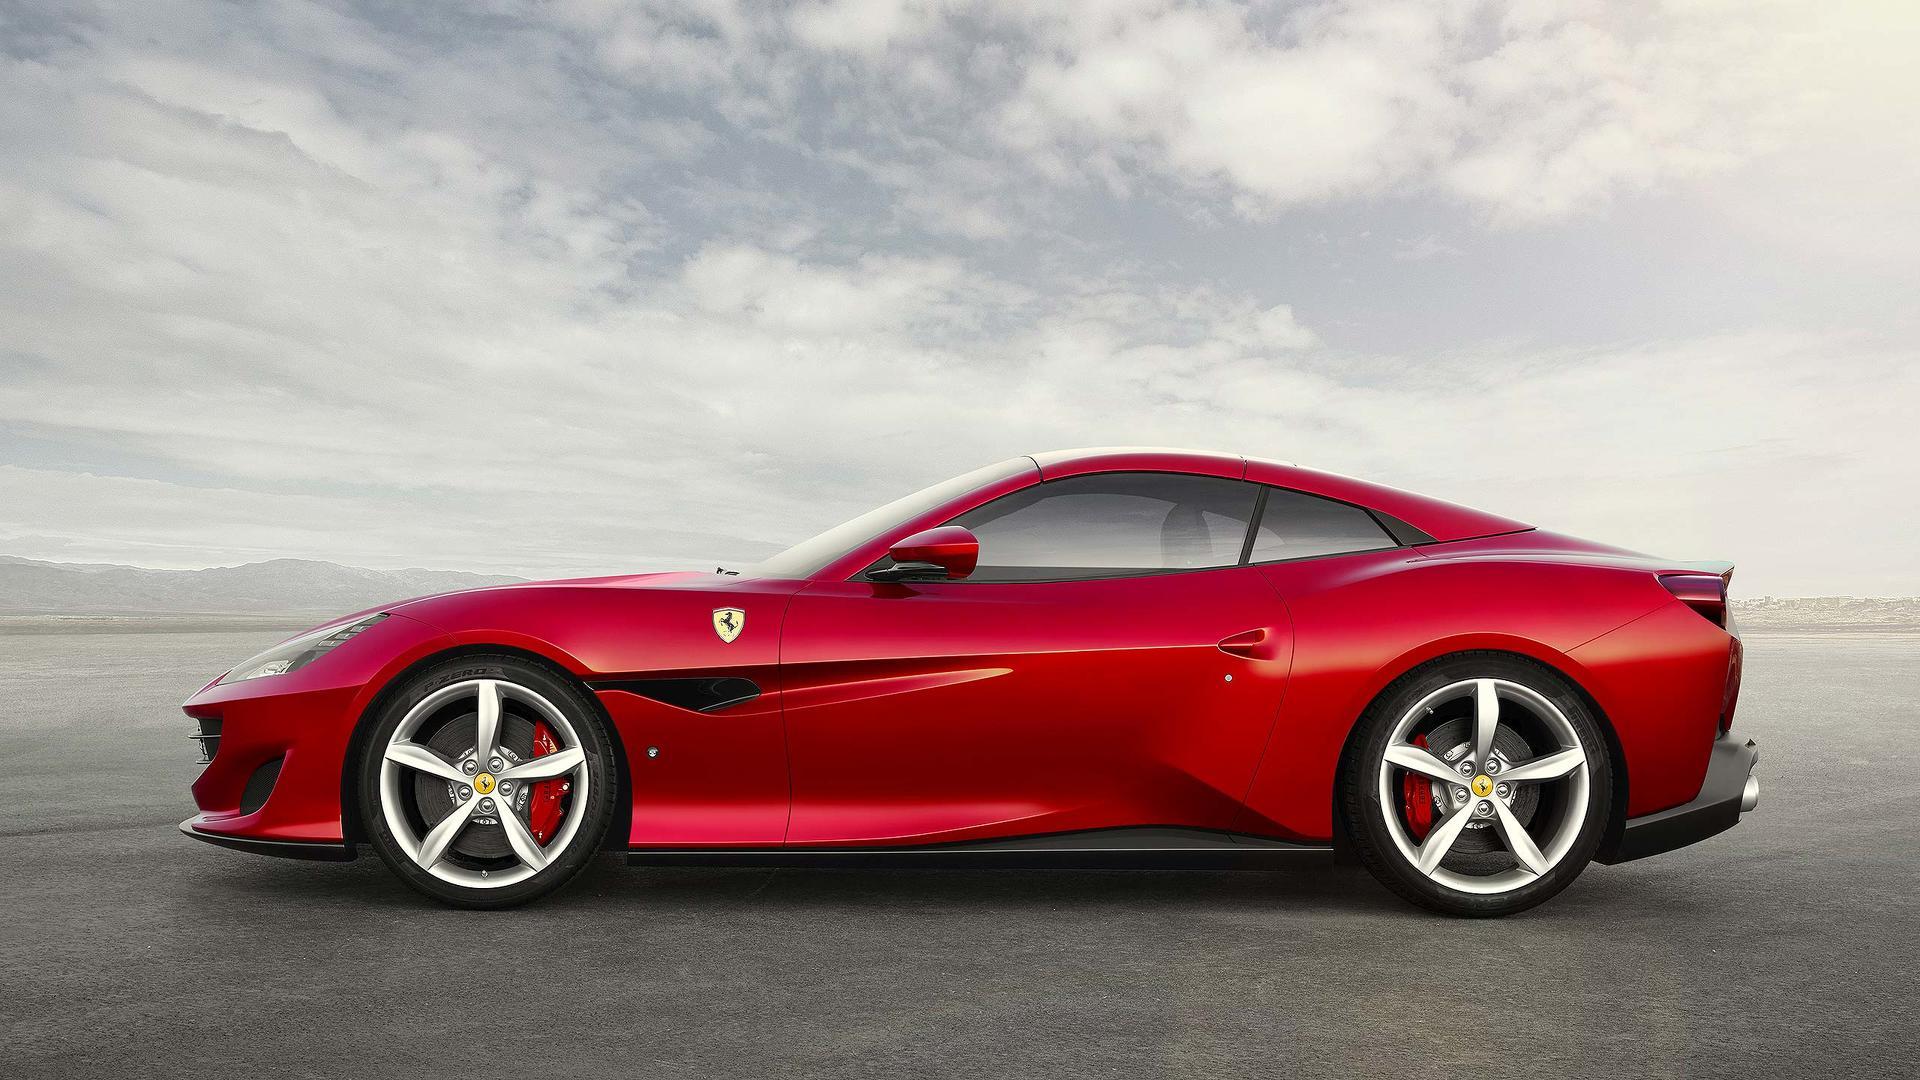 Ferrari busca un nuevo proyecto, ¿será un CUV, o una berlina?